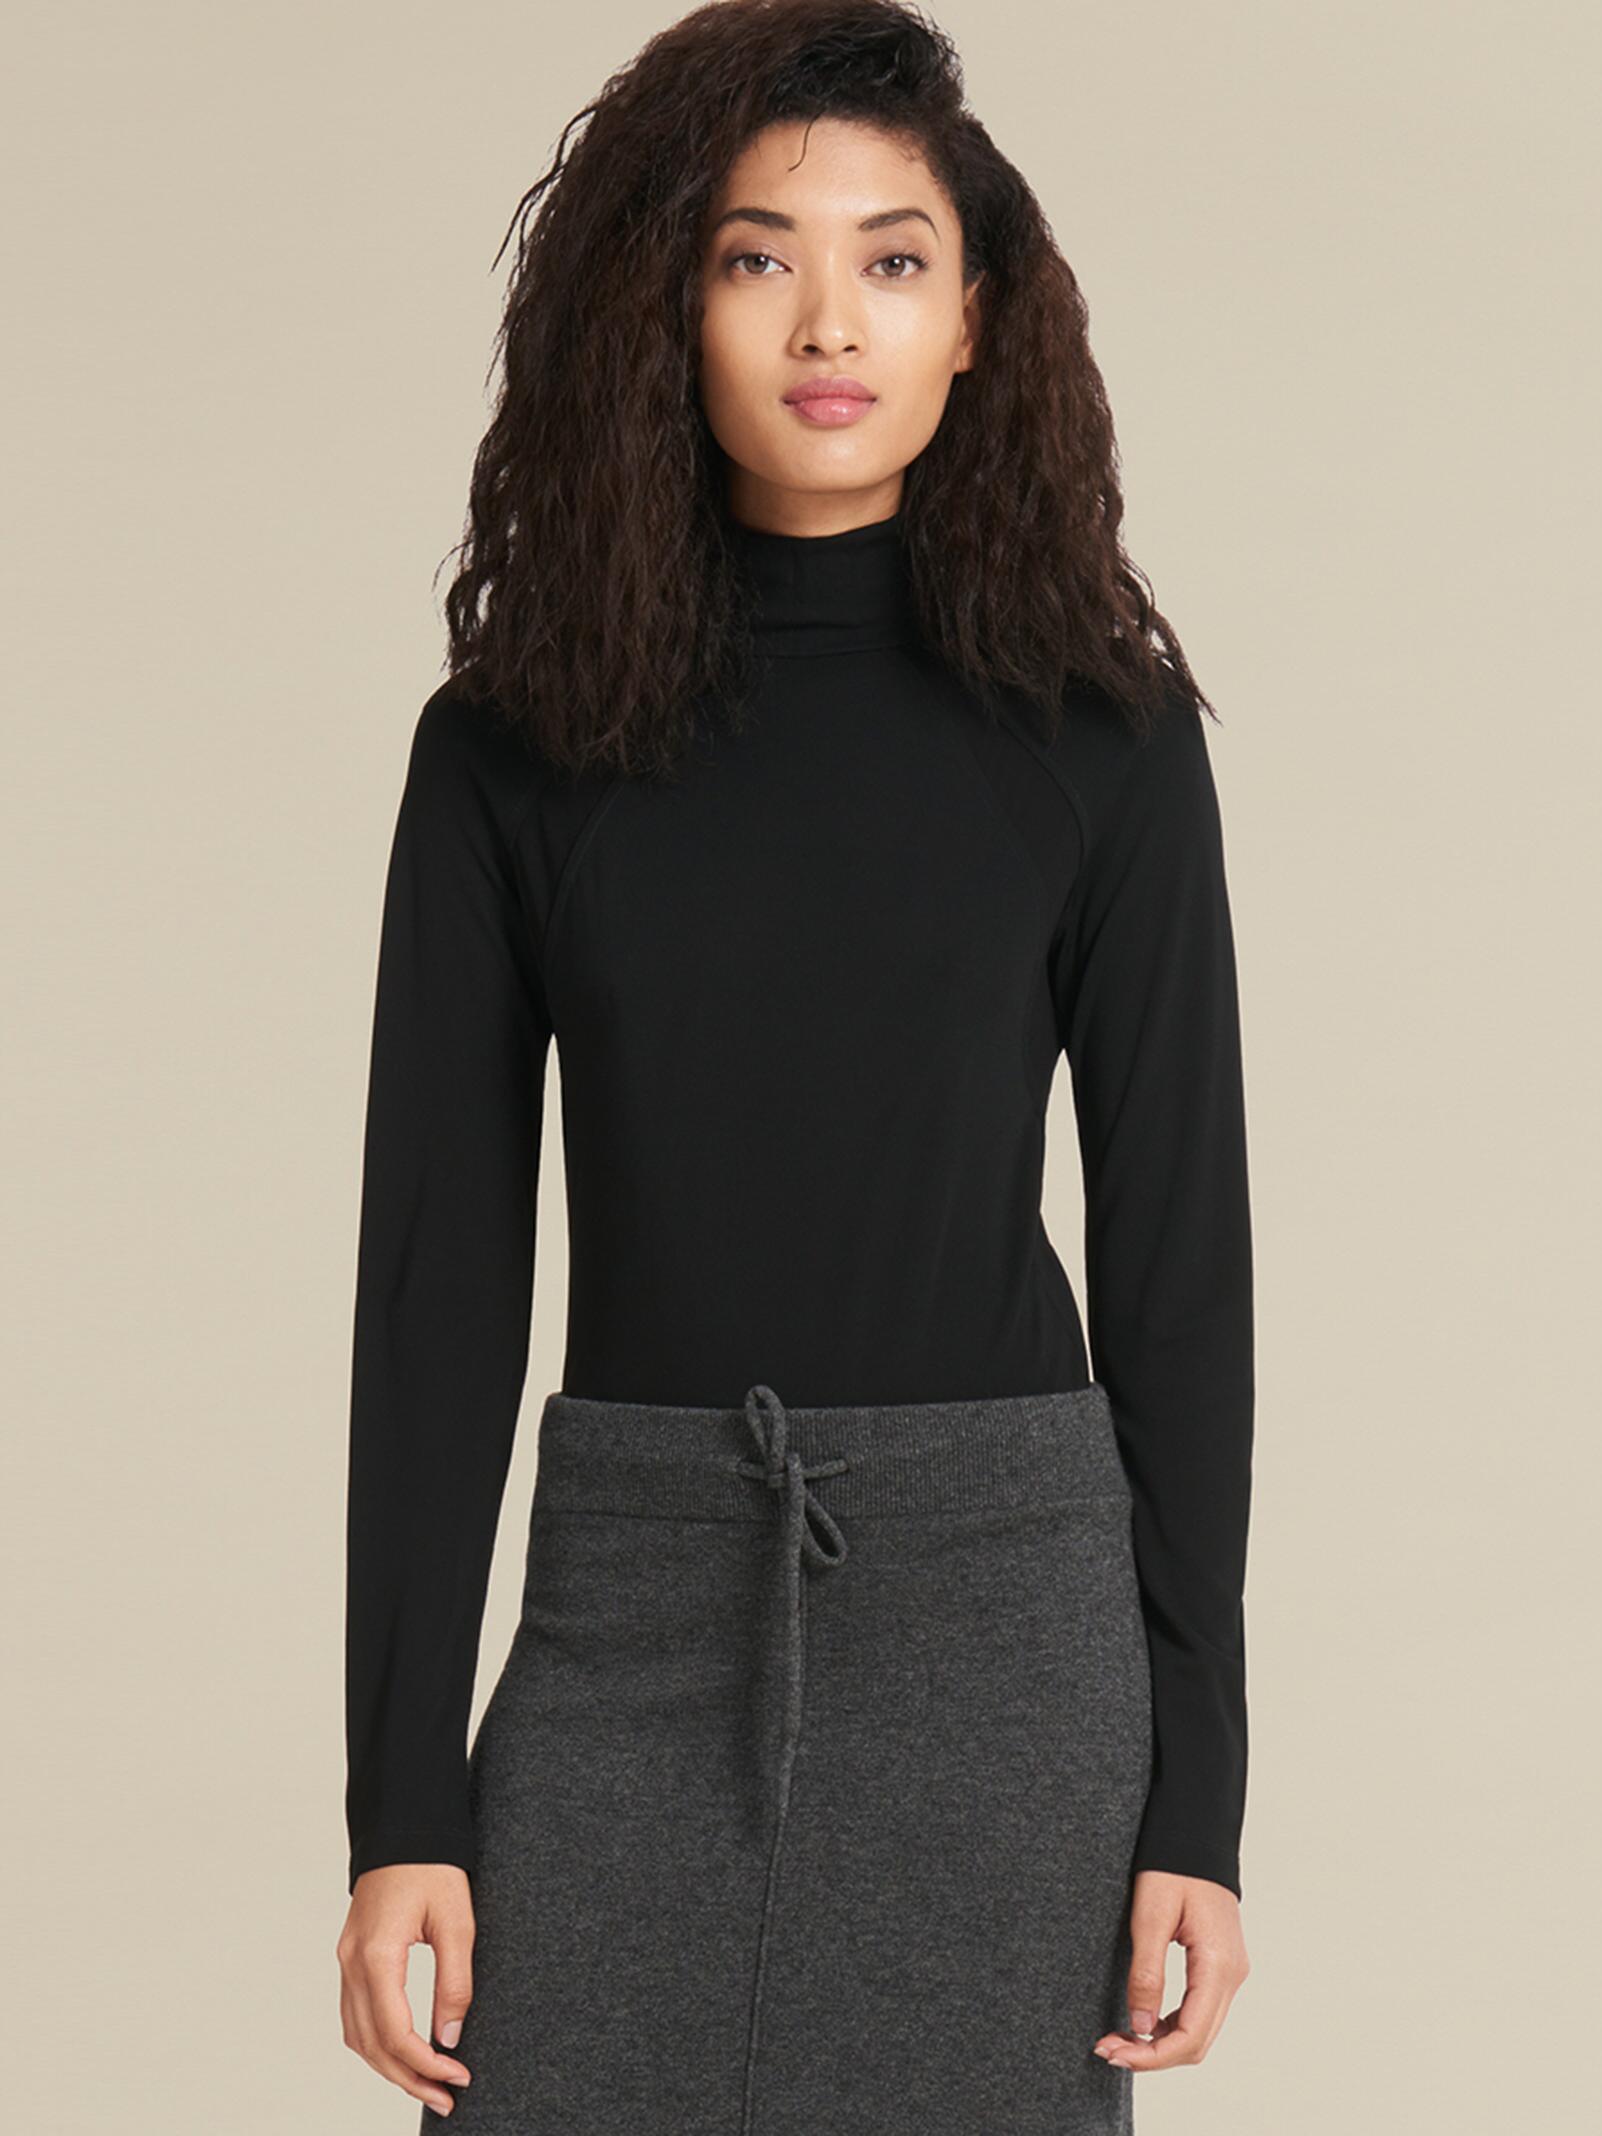 72c17f4e449 Lyst - DKNY Matte Jersey Turtleneck Bodysuit in Black